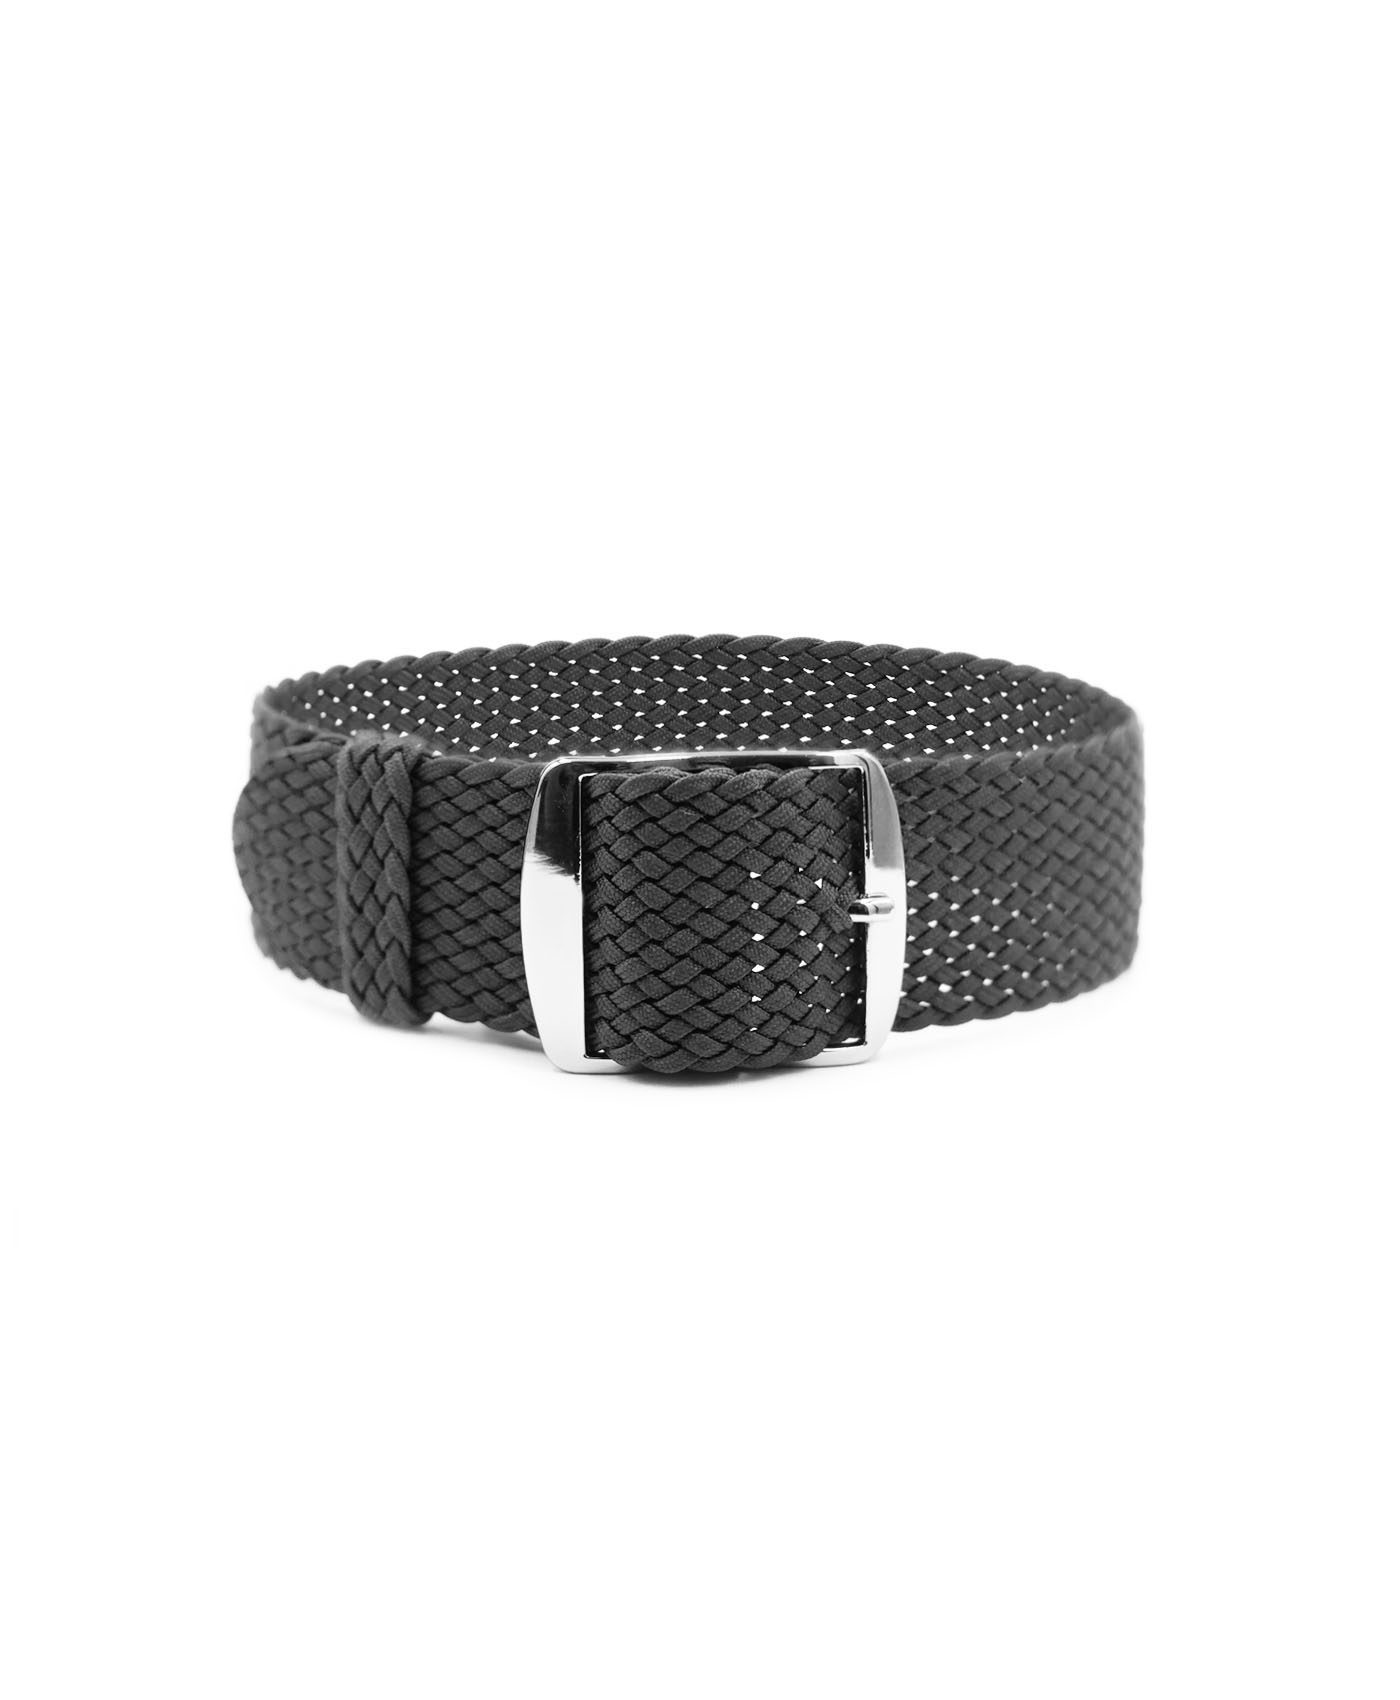 Watchbandit Premium Perlon Watch strap dark grey